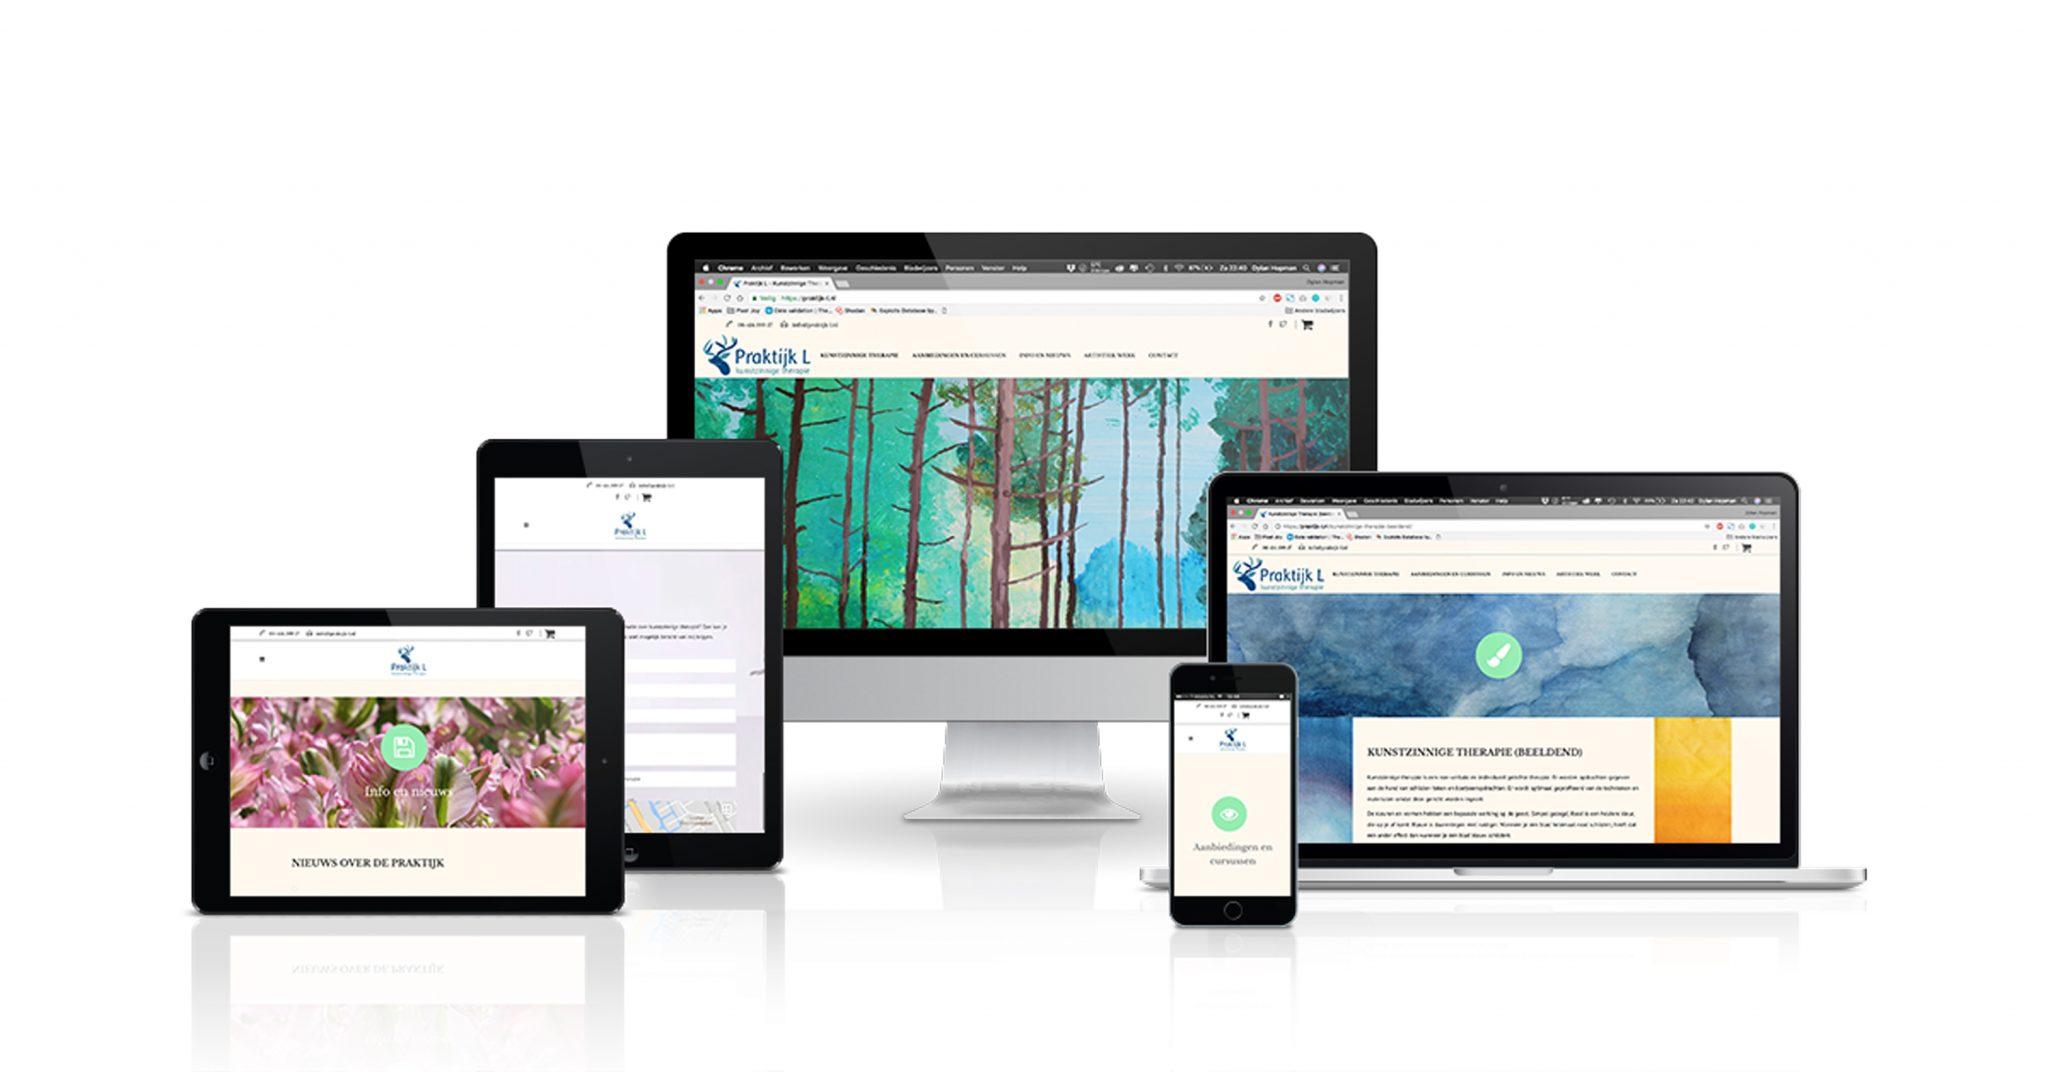 pixeljoy-webdesign-haarlem-praktijk-l